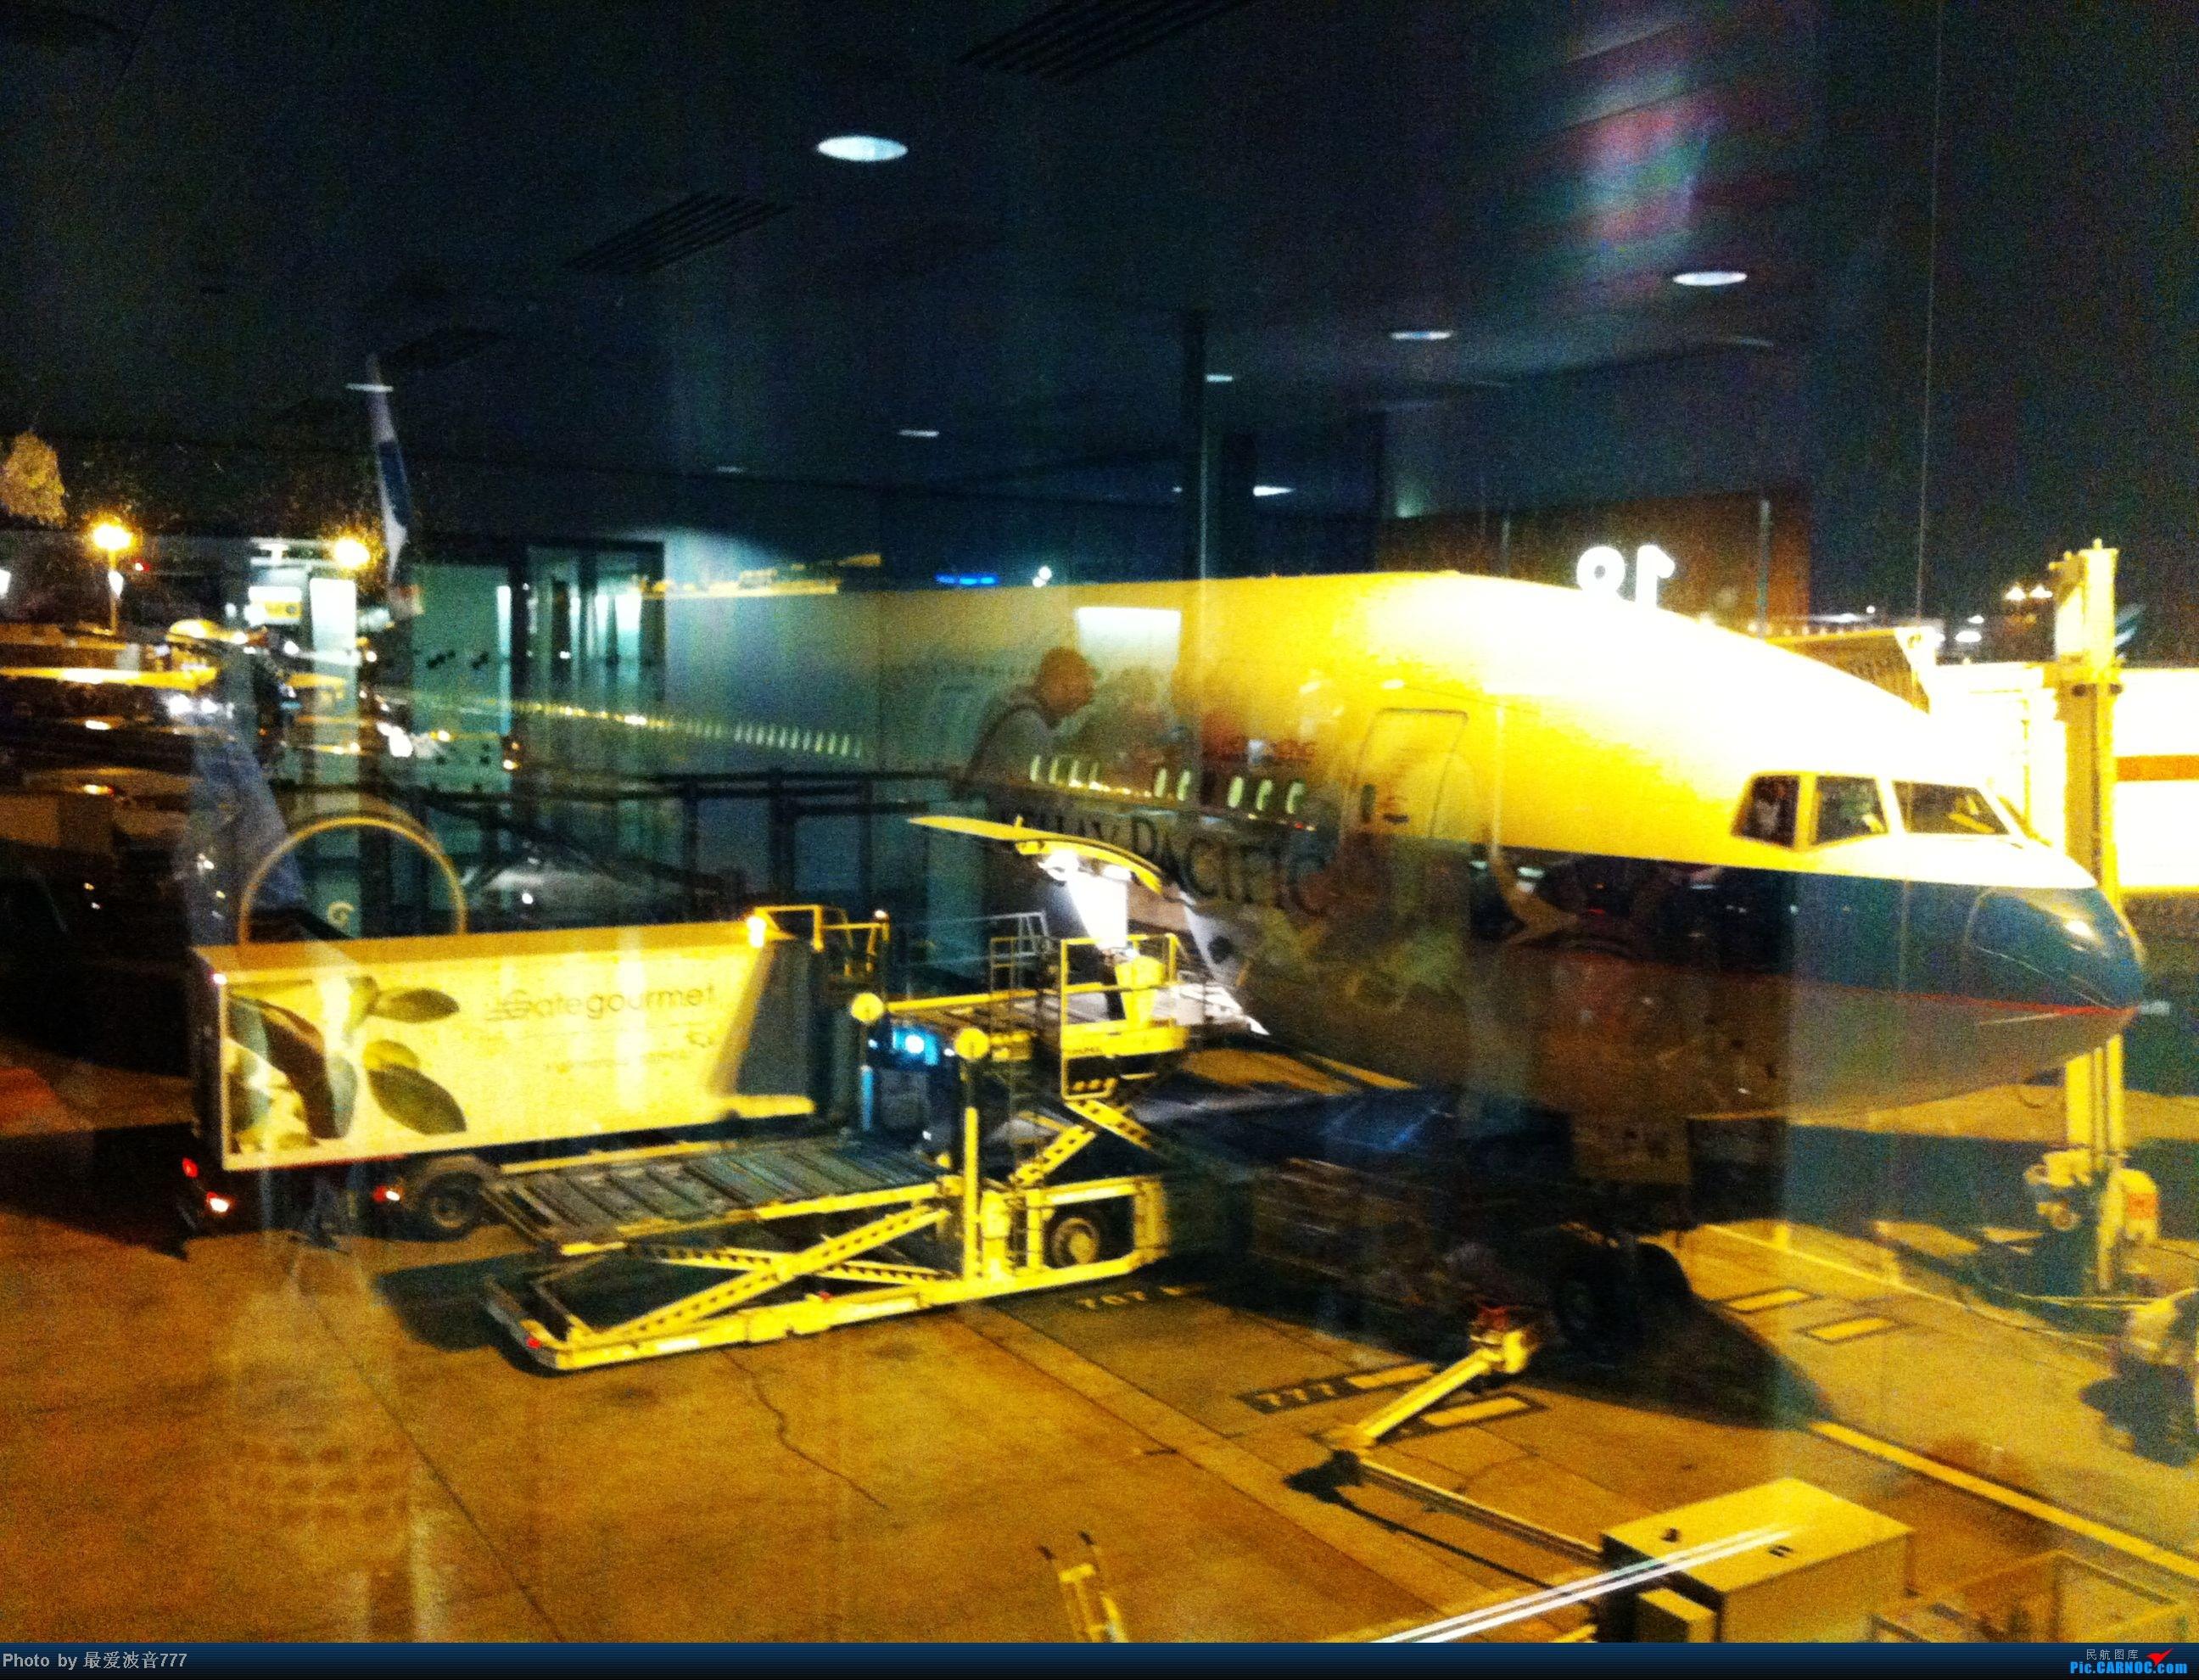 [原创]假期的回国往返之旅 LHR-HKG-CTU-HKG-LHR, CX254+CA428+KA825+CX253,3大公司联合运营(已完毕,欢迎大家)    英国伦敦希思罗机场